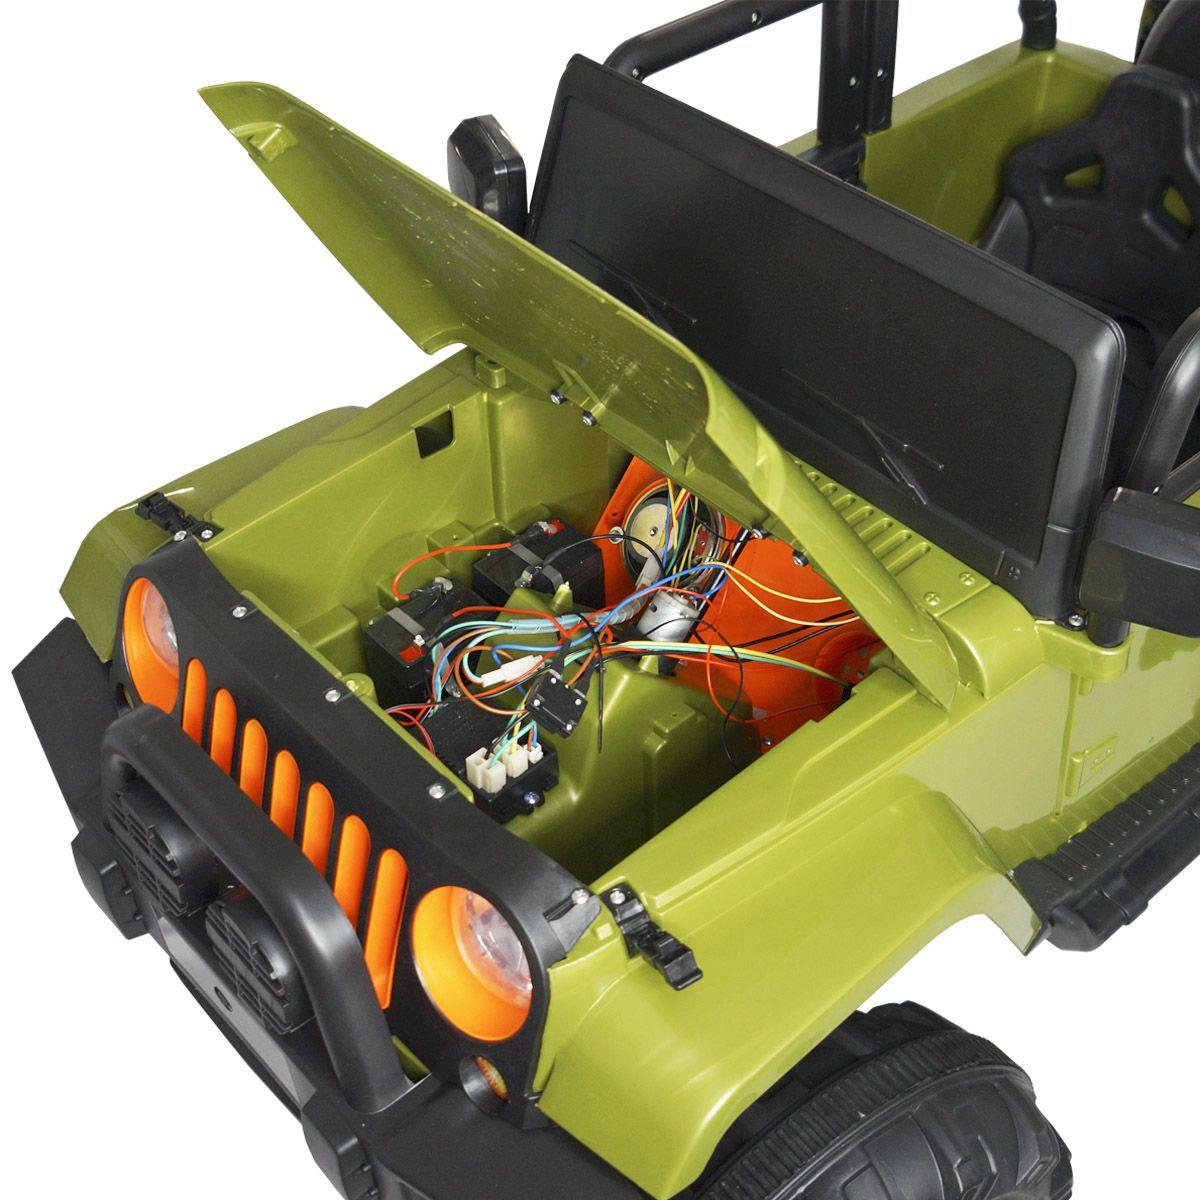 Electric 12V Crianças Brinquedos De Montar Carro Jeep 4 Rodas Música Luz Guia De Controle Remoto Pai